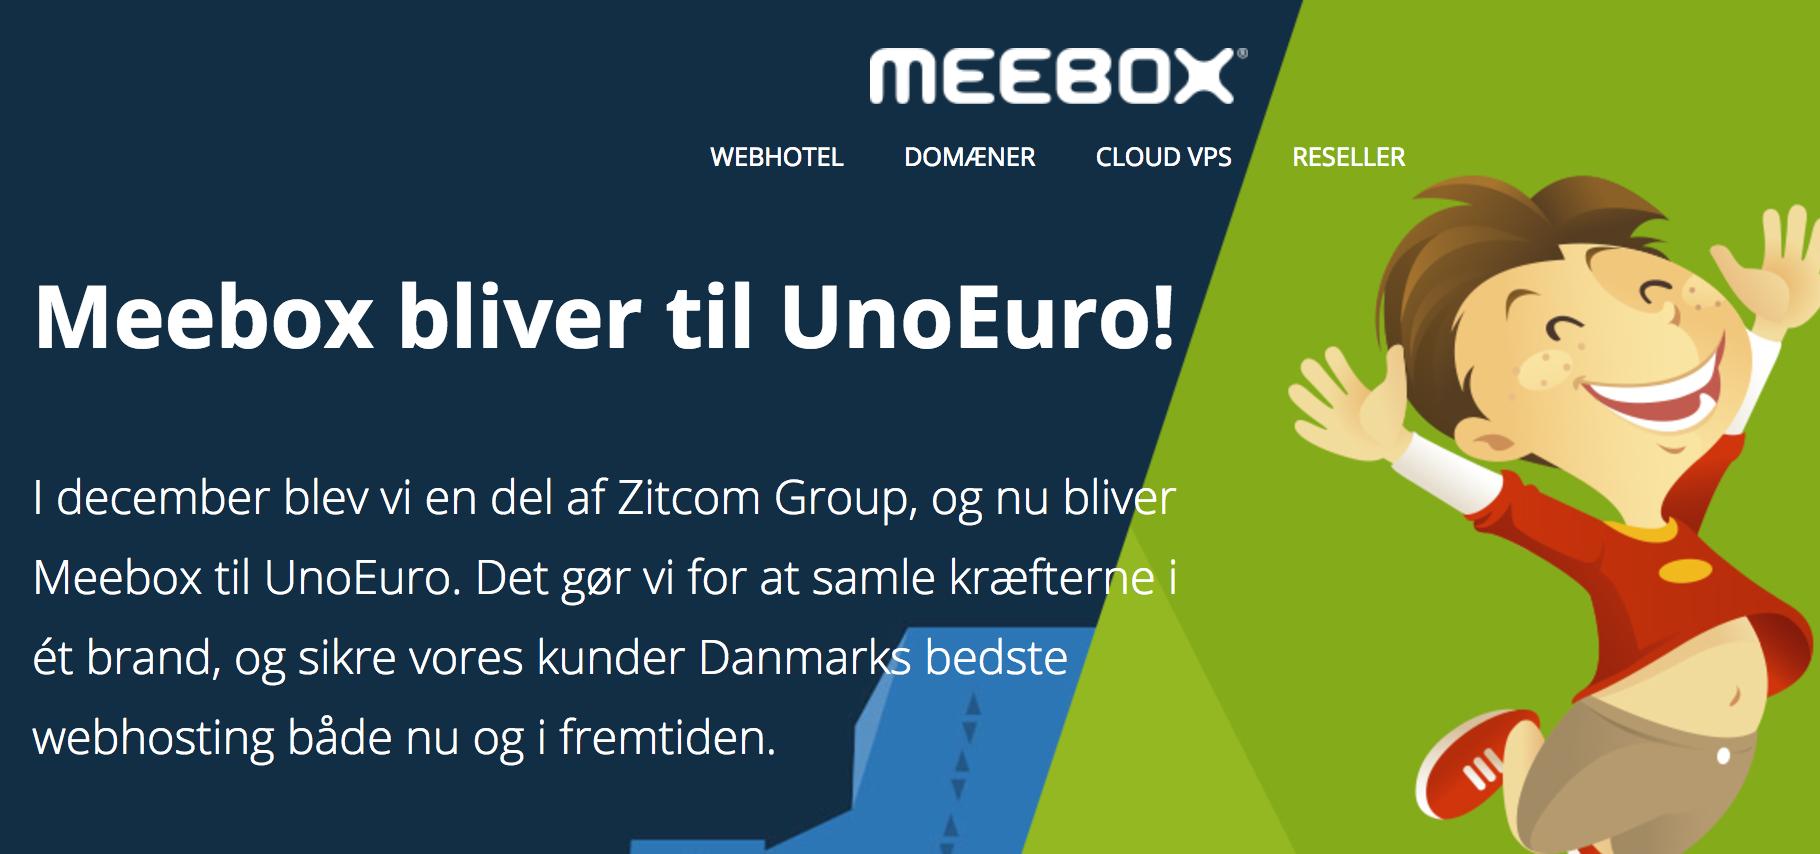 Unoeuro overtager Meebox – hvad sker der med din firmahjemmeside?